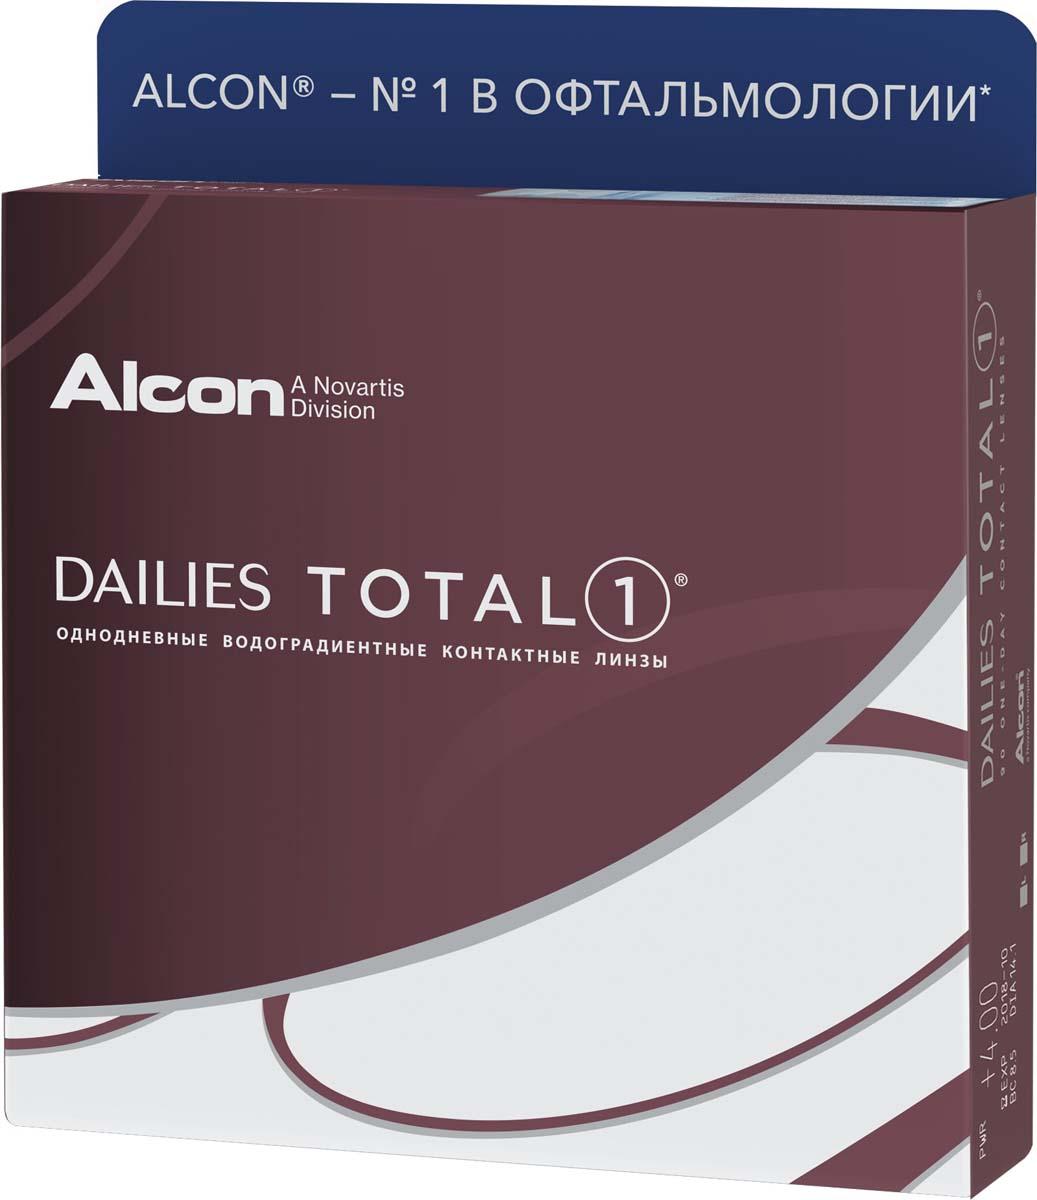 Аlcon Контактные линзы Dailies Total 90 шт /+2.00 /8.5 /14.1